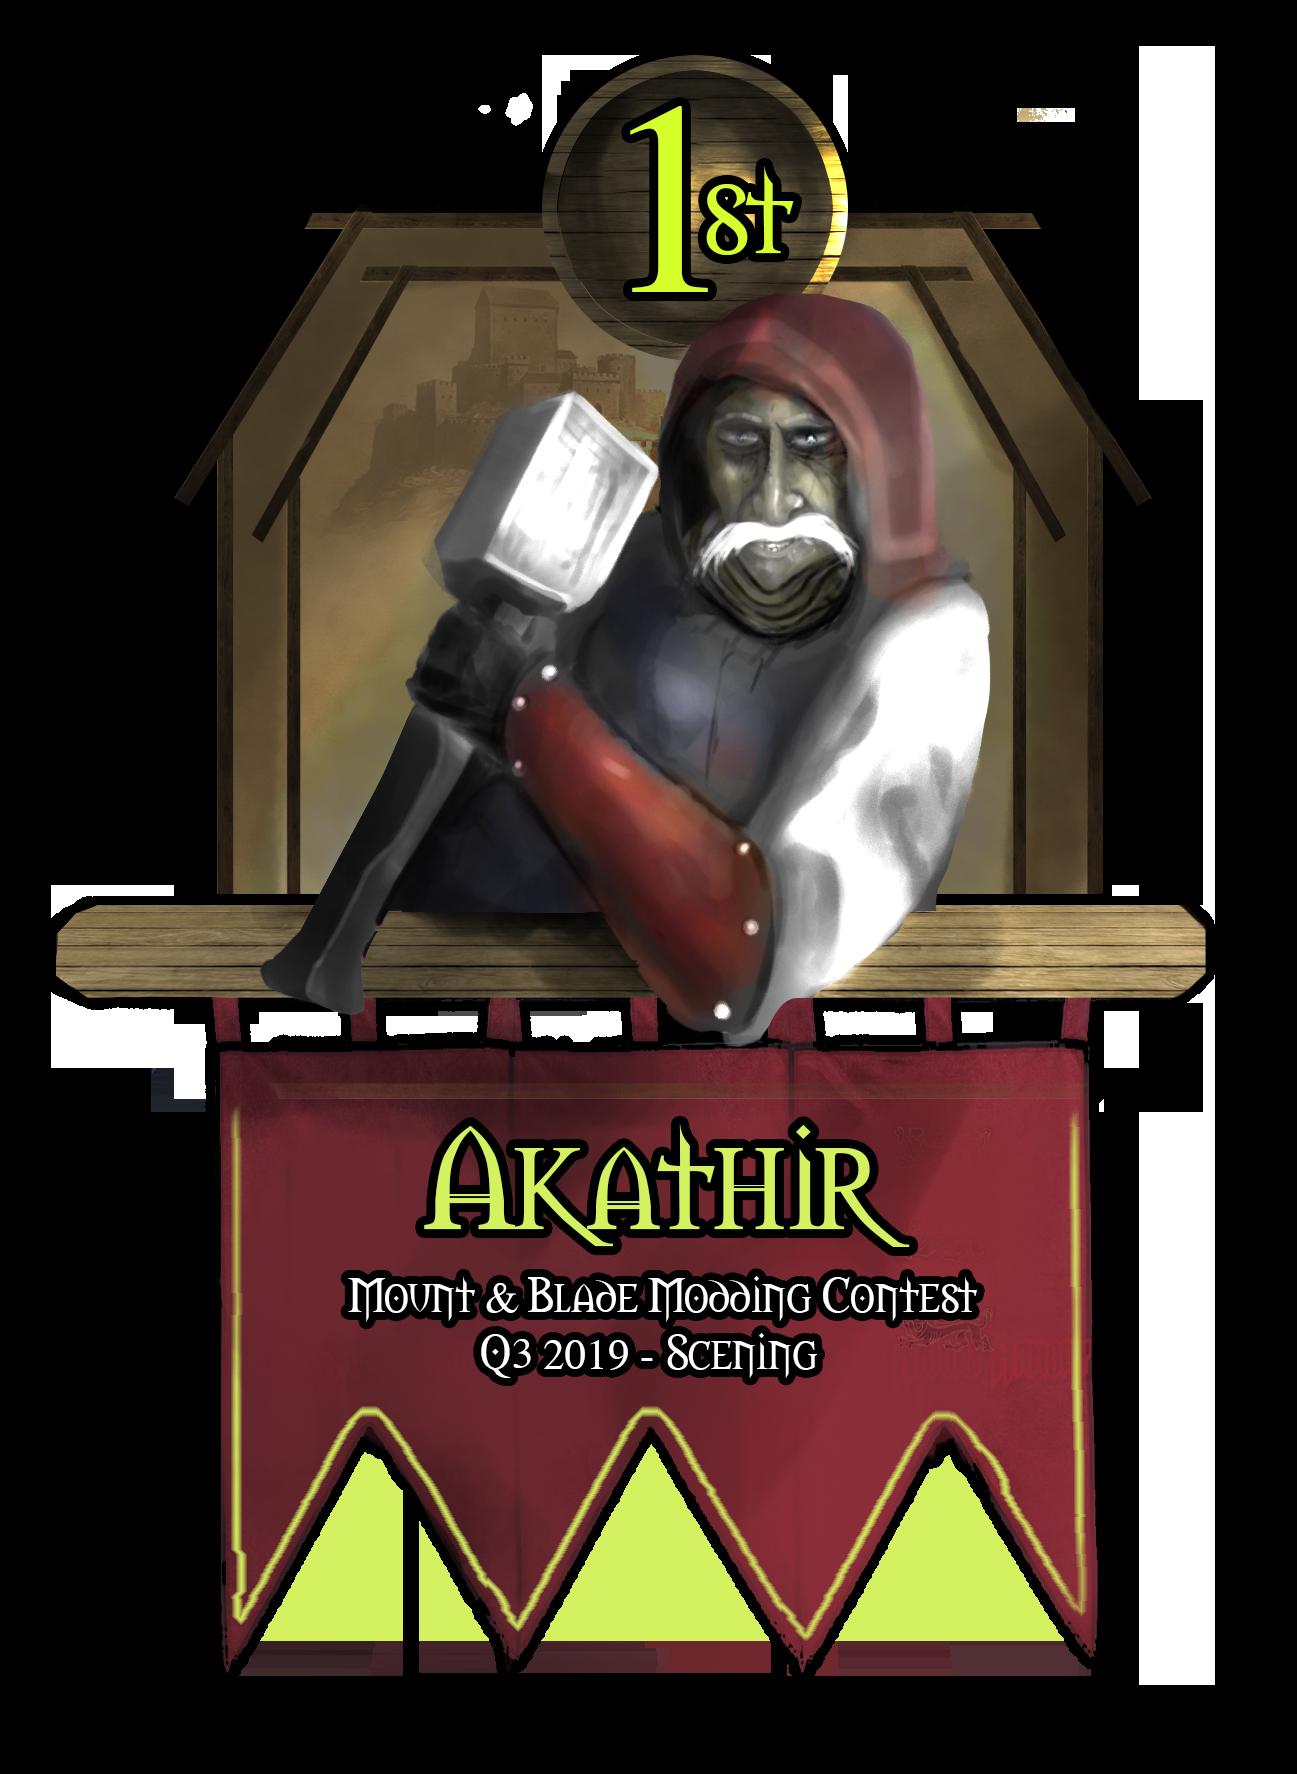 Q3-Scening-Akathir.png